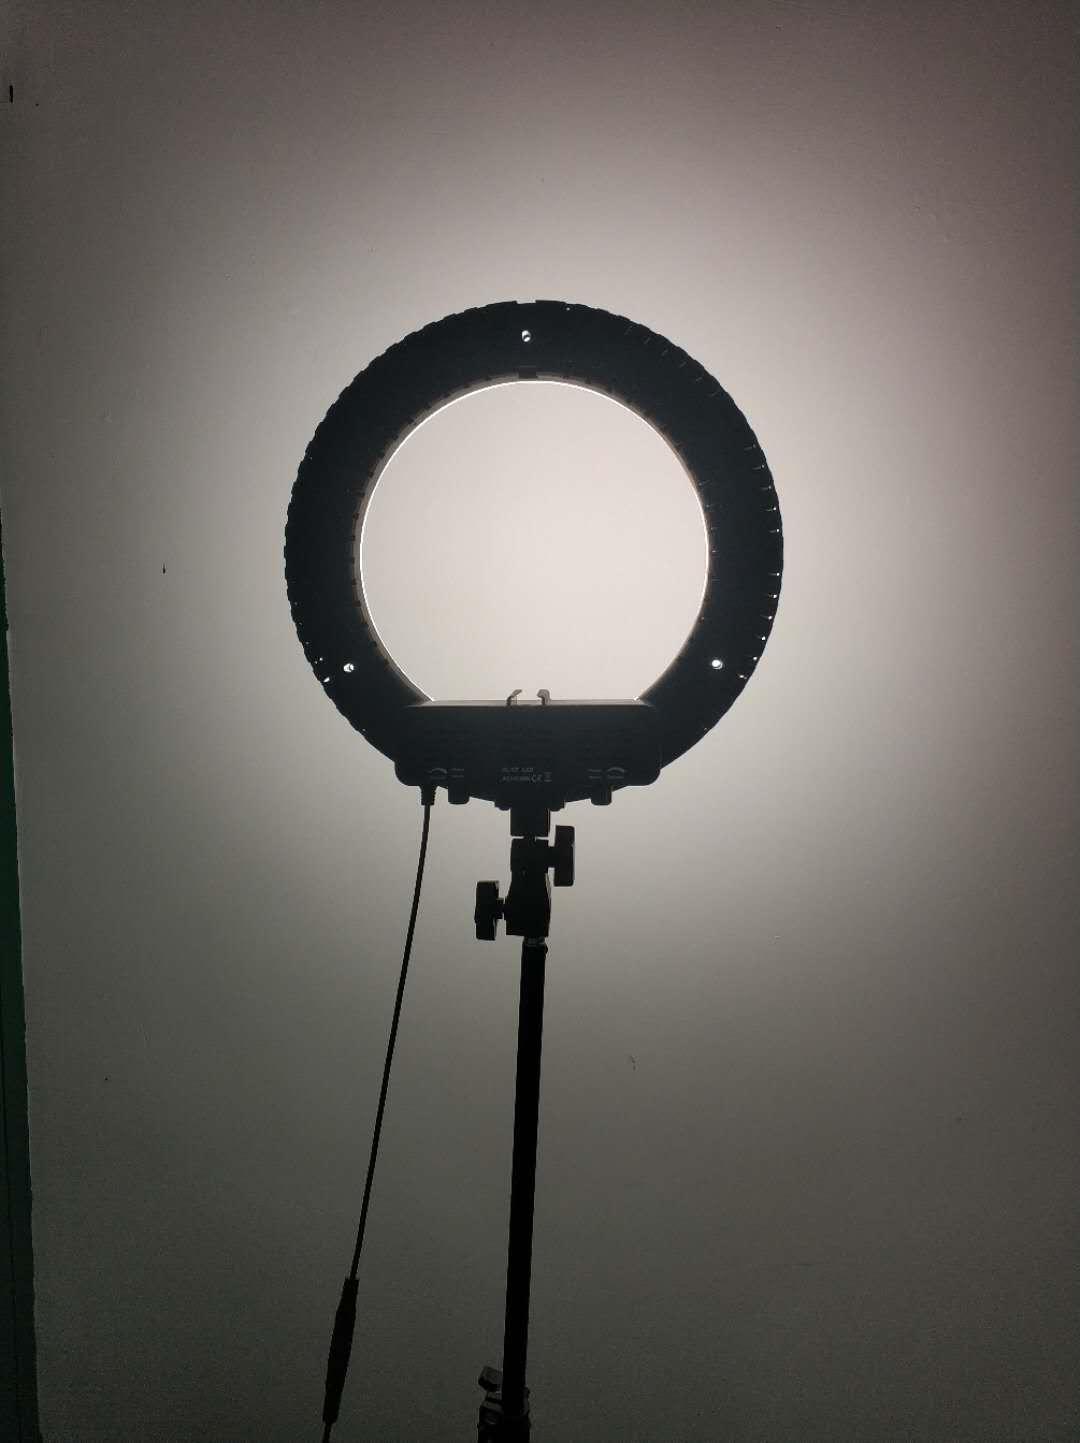 Fotografia do diodo emissor de luz da iluminação do círculo do diodo emissor de luz que ilumina o lúmen alto dimmable 50W